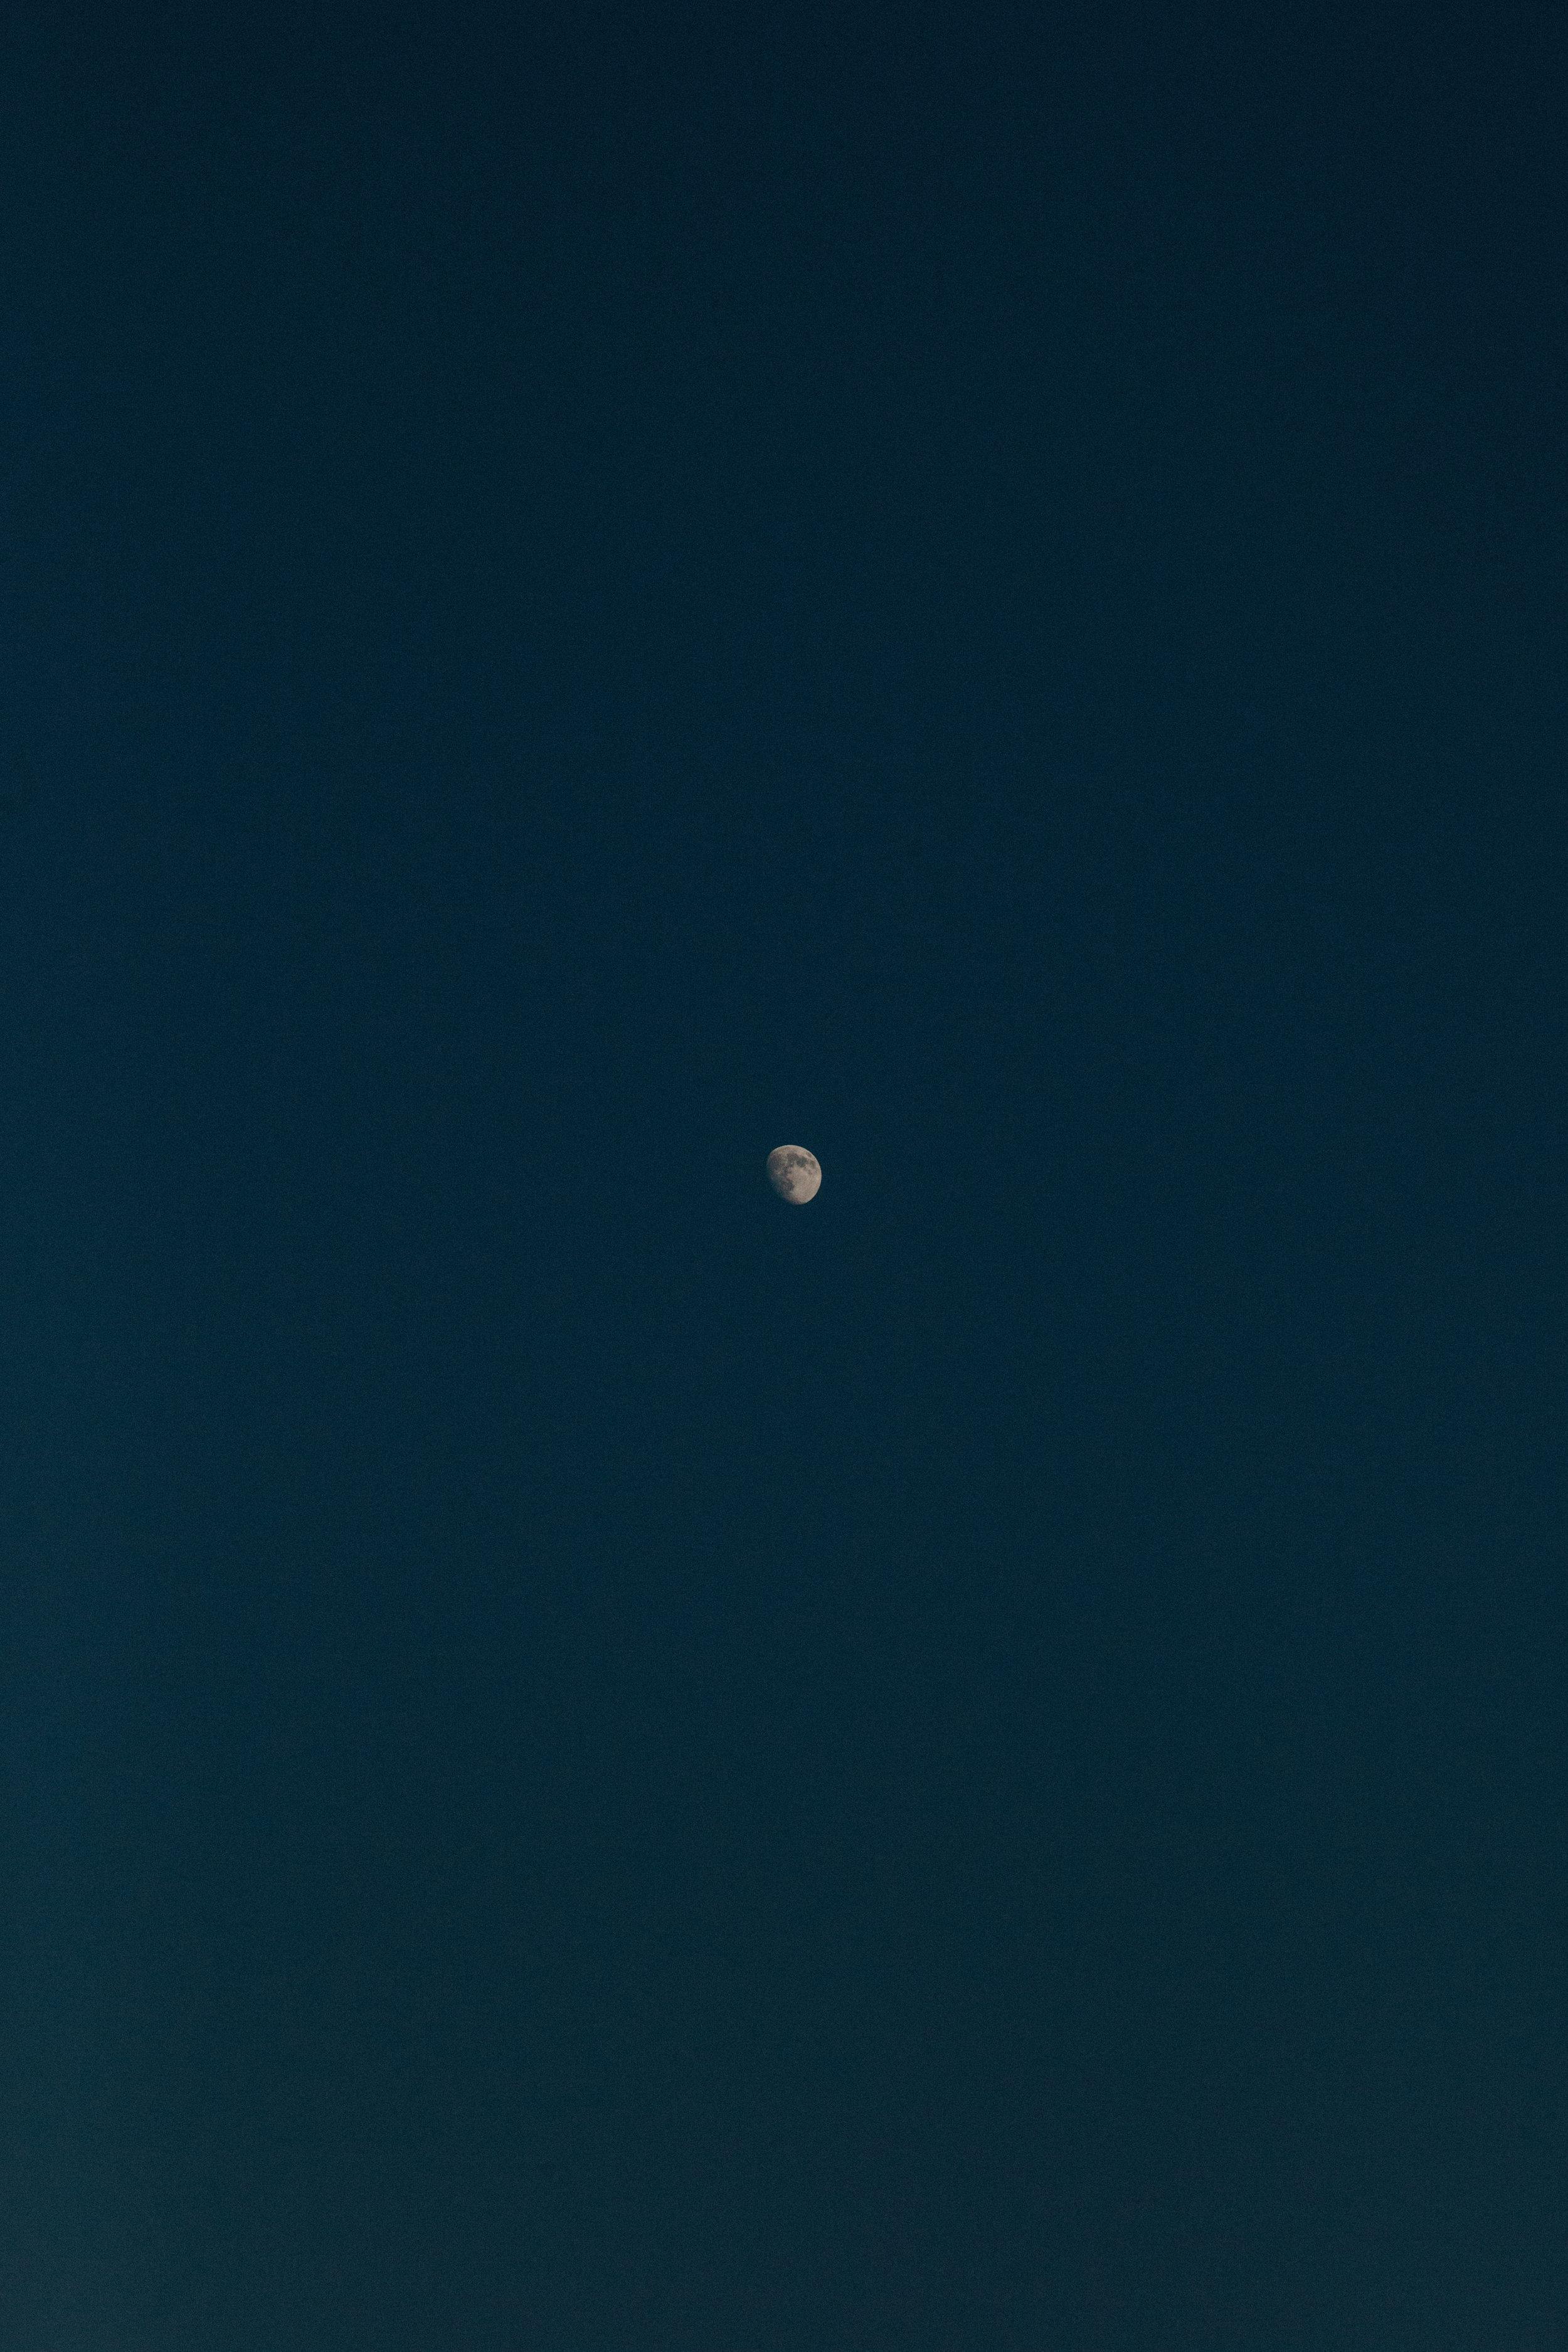 Moon #11 (2016)